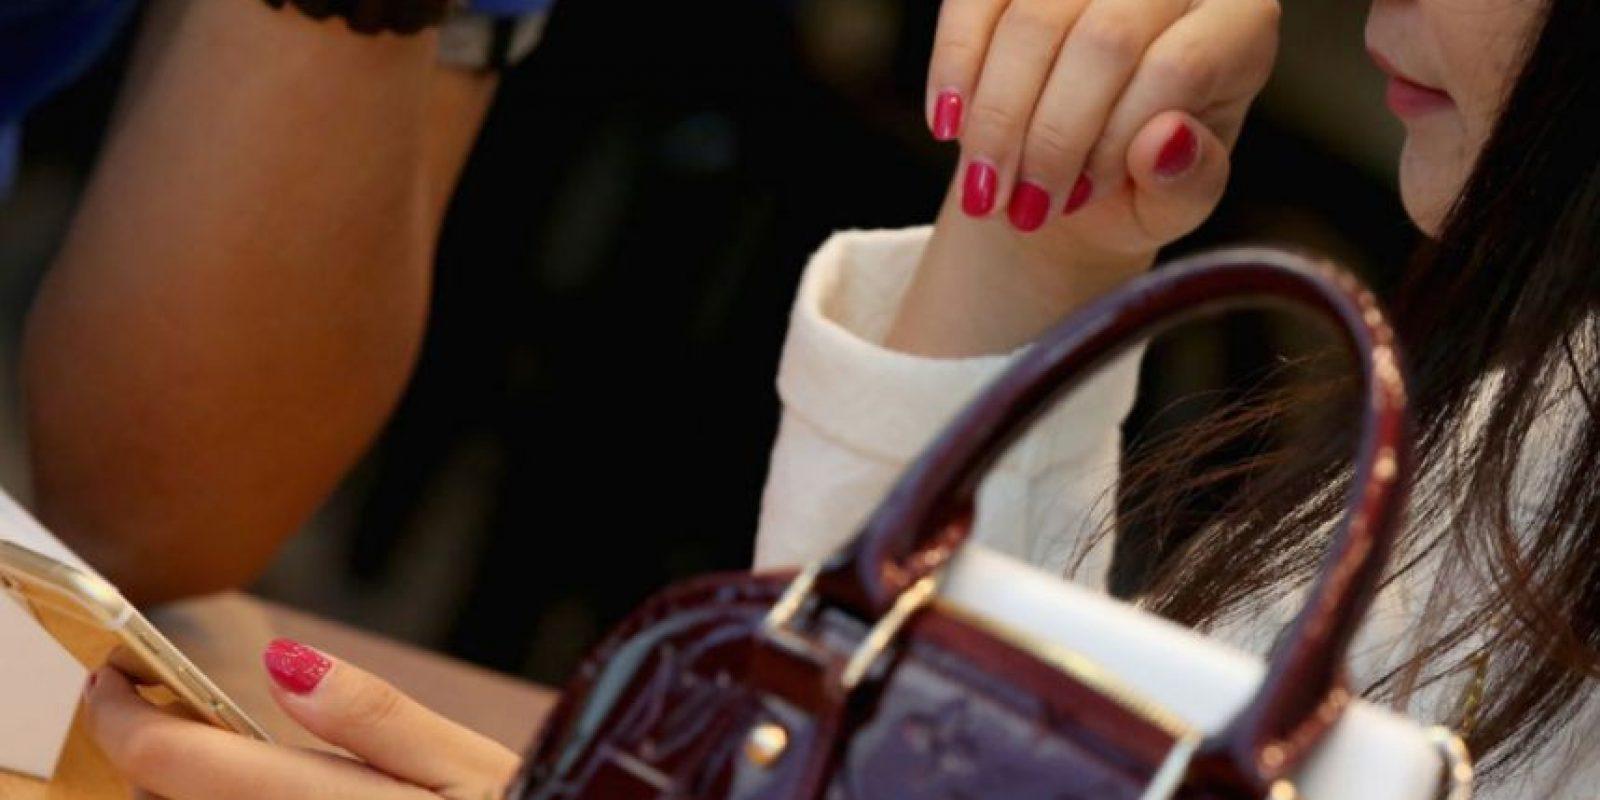 """La mayoría de mujeres prefiere su smartphone antes que tener sexo, indica una encuesta realizada por AVG Technologies, una compañía de seguridad """"online"""" Foto:Getty Images"""